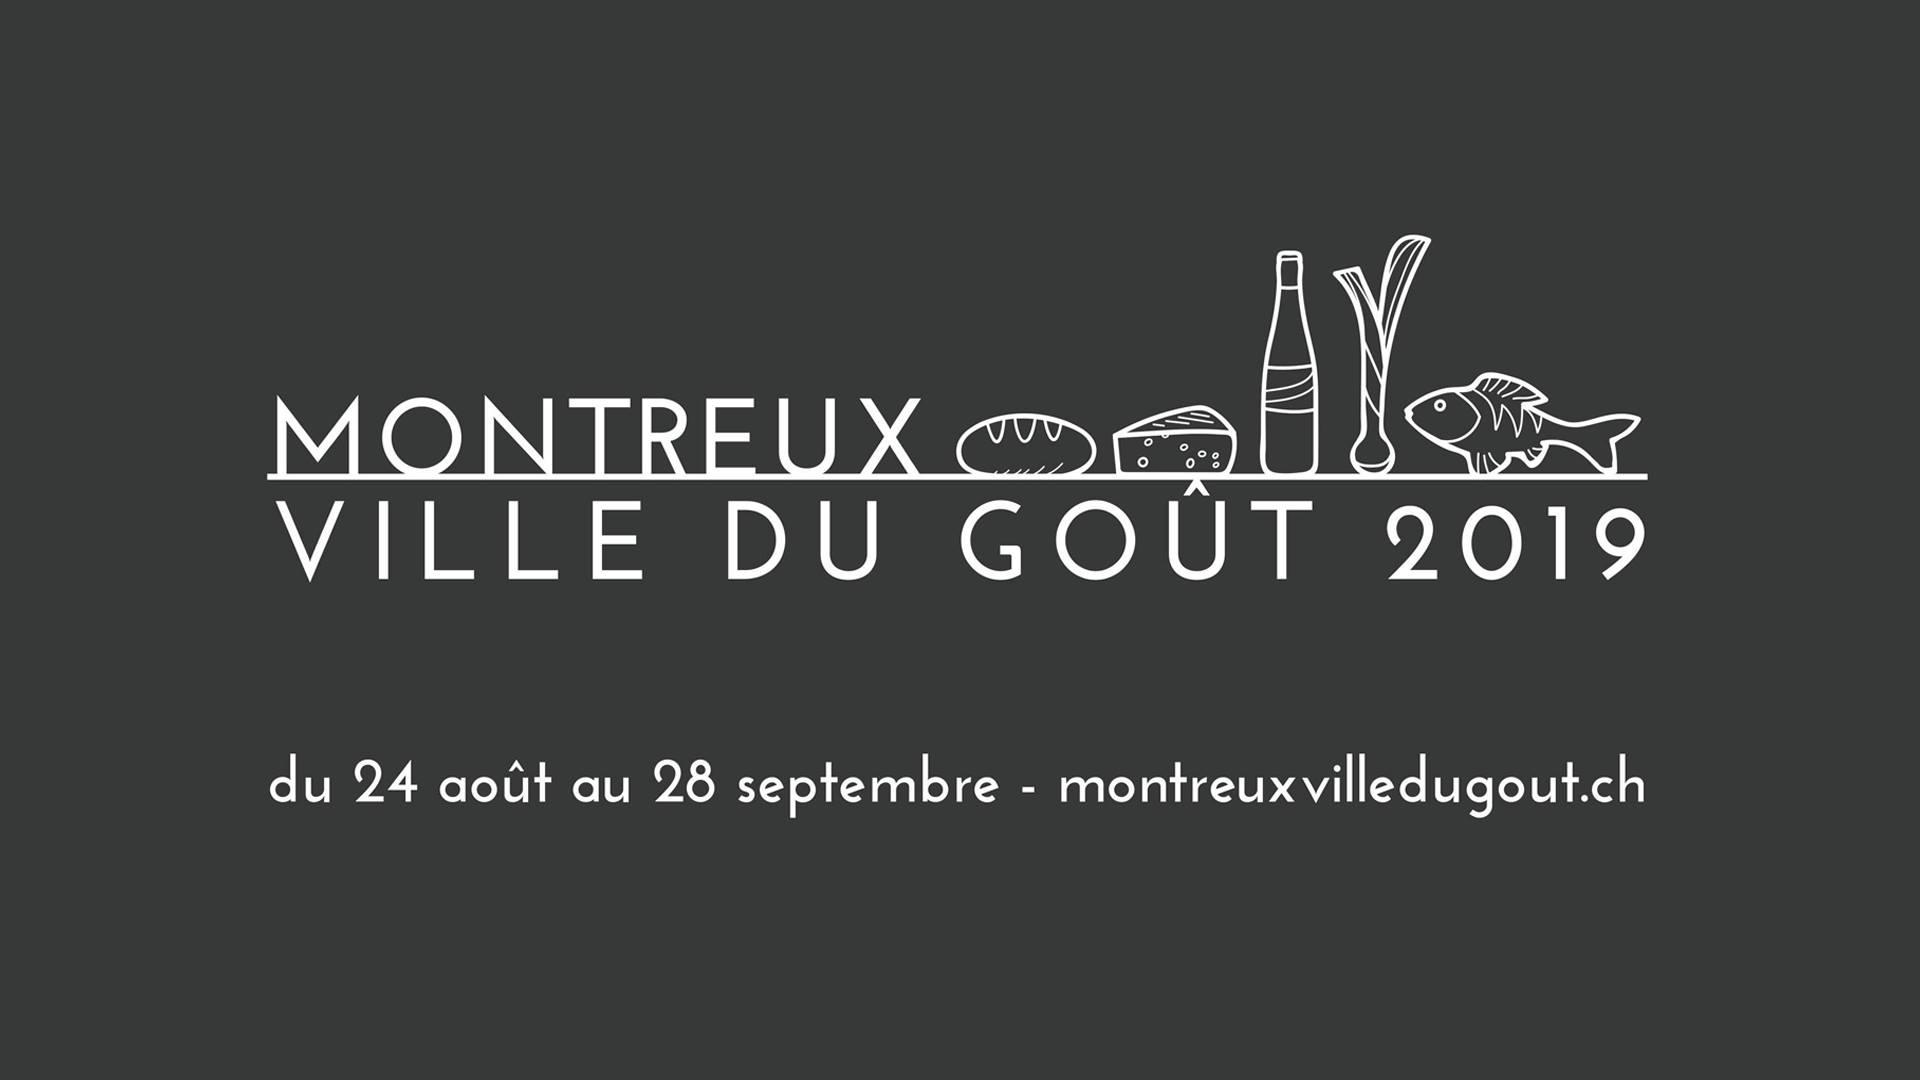 Montreux, Ville Du Goût 2019